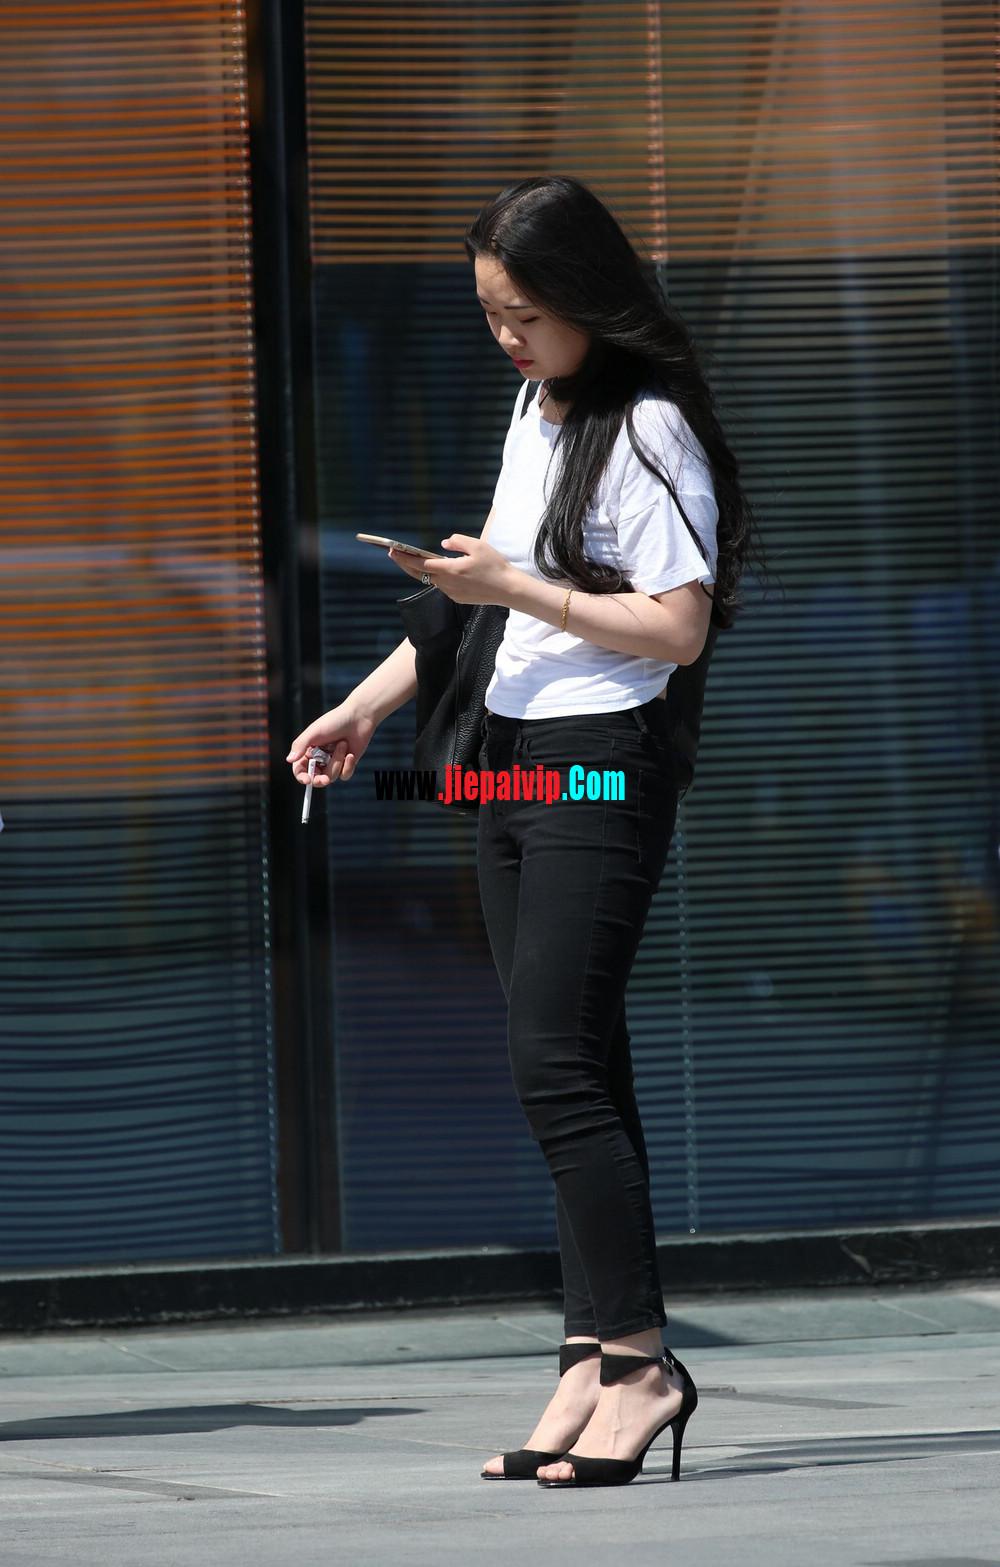 白色紧身长裤女孩图片